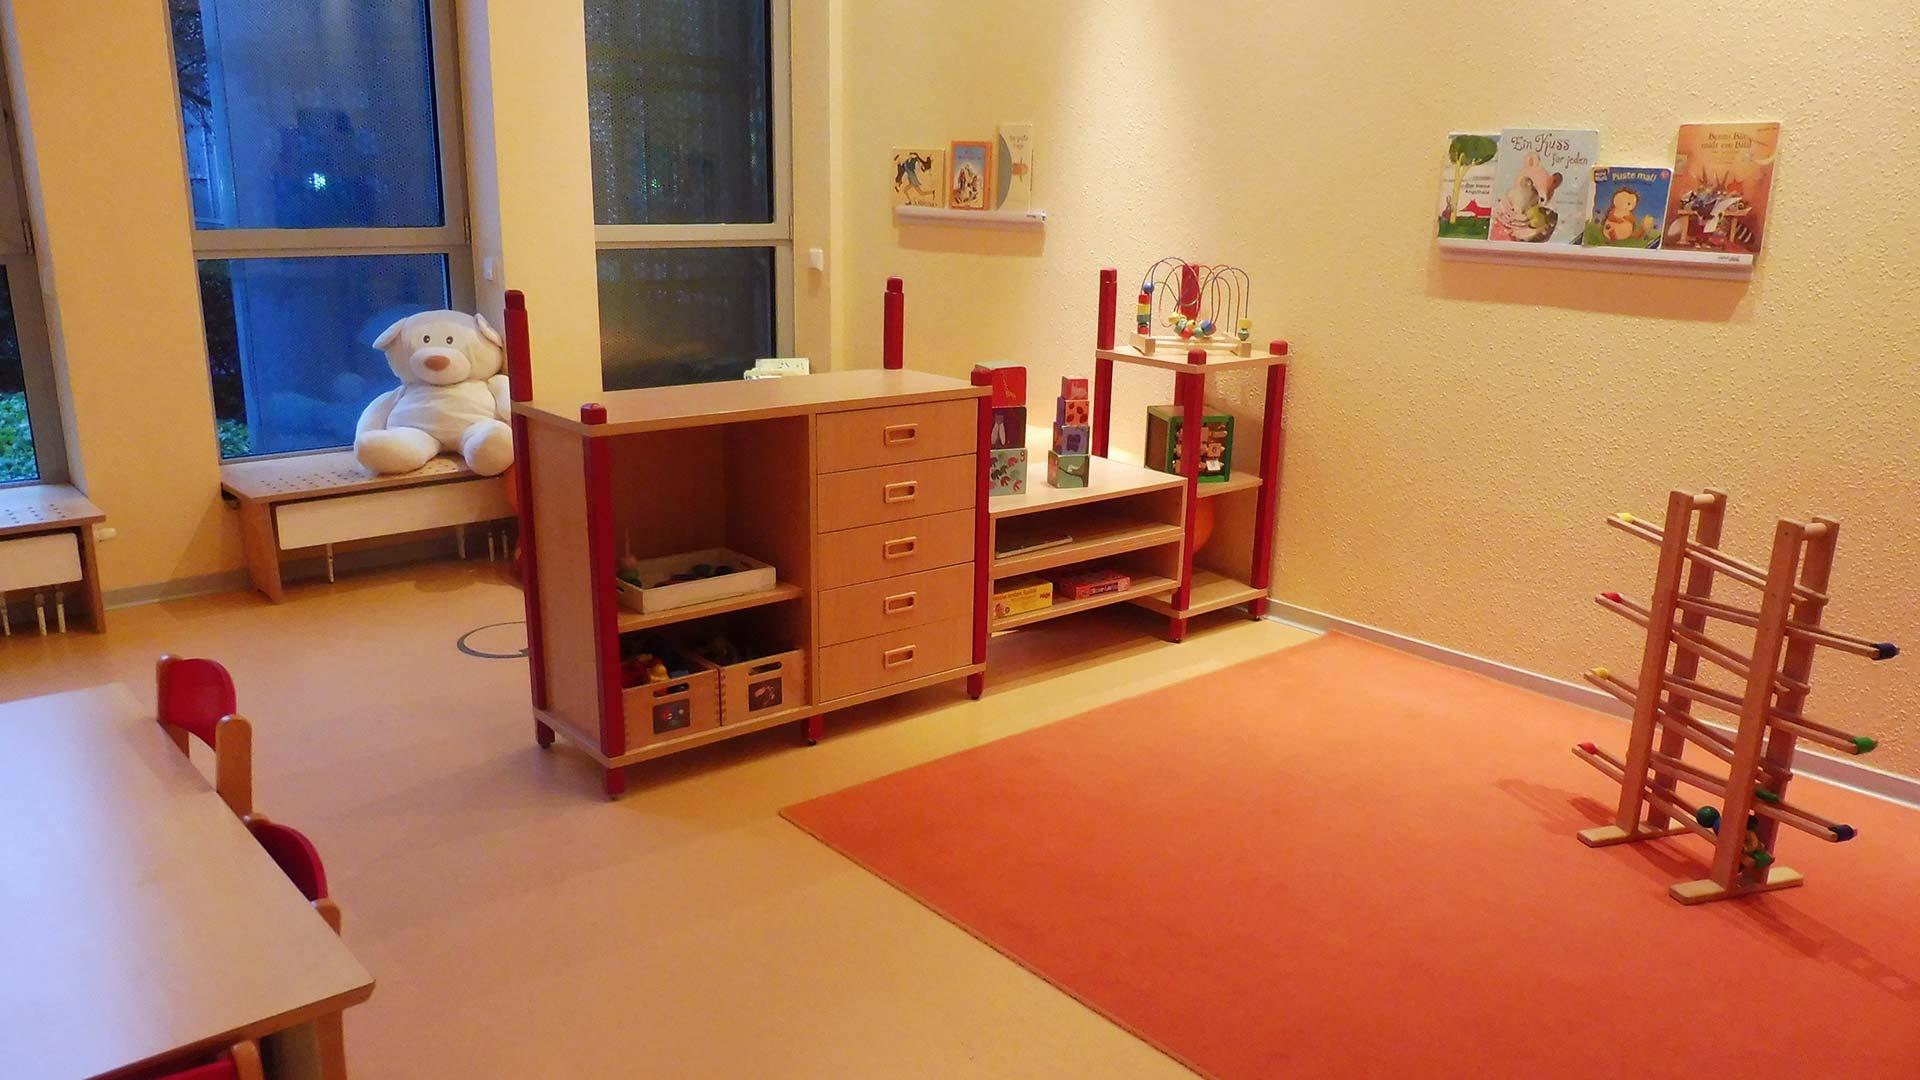 Spielzimmer der Kita mit kleinen Schränken und Regalen